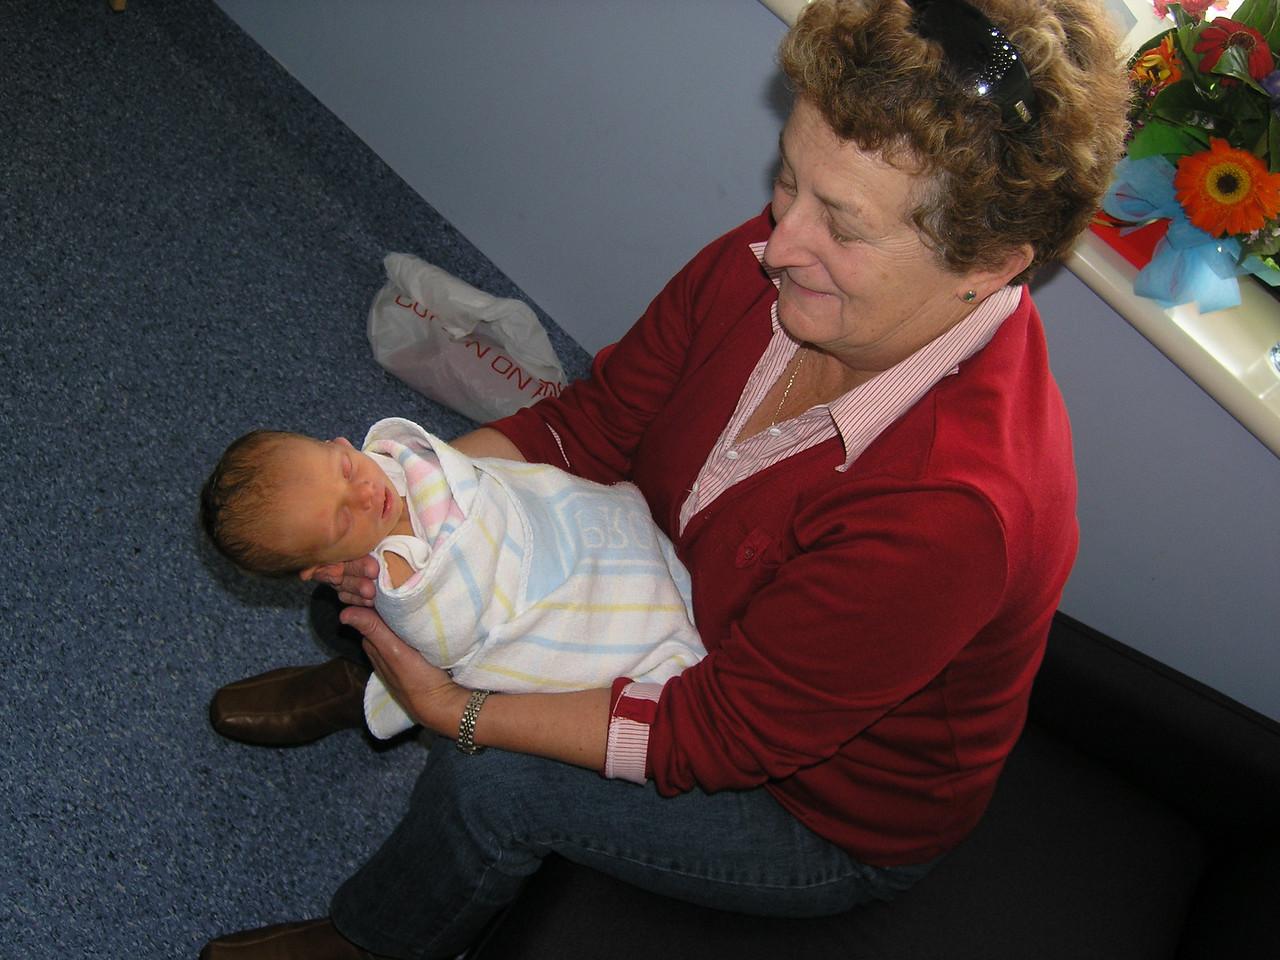 Louis and Grandma